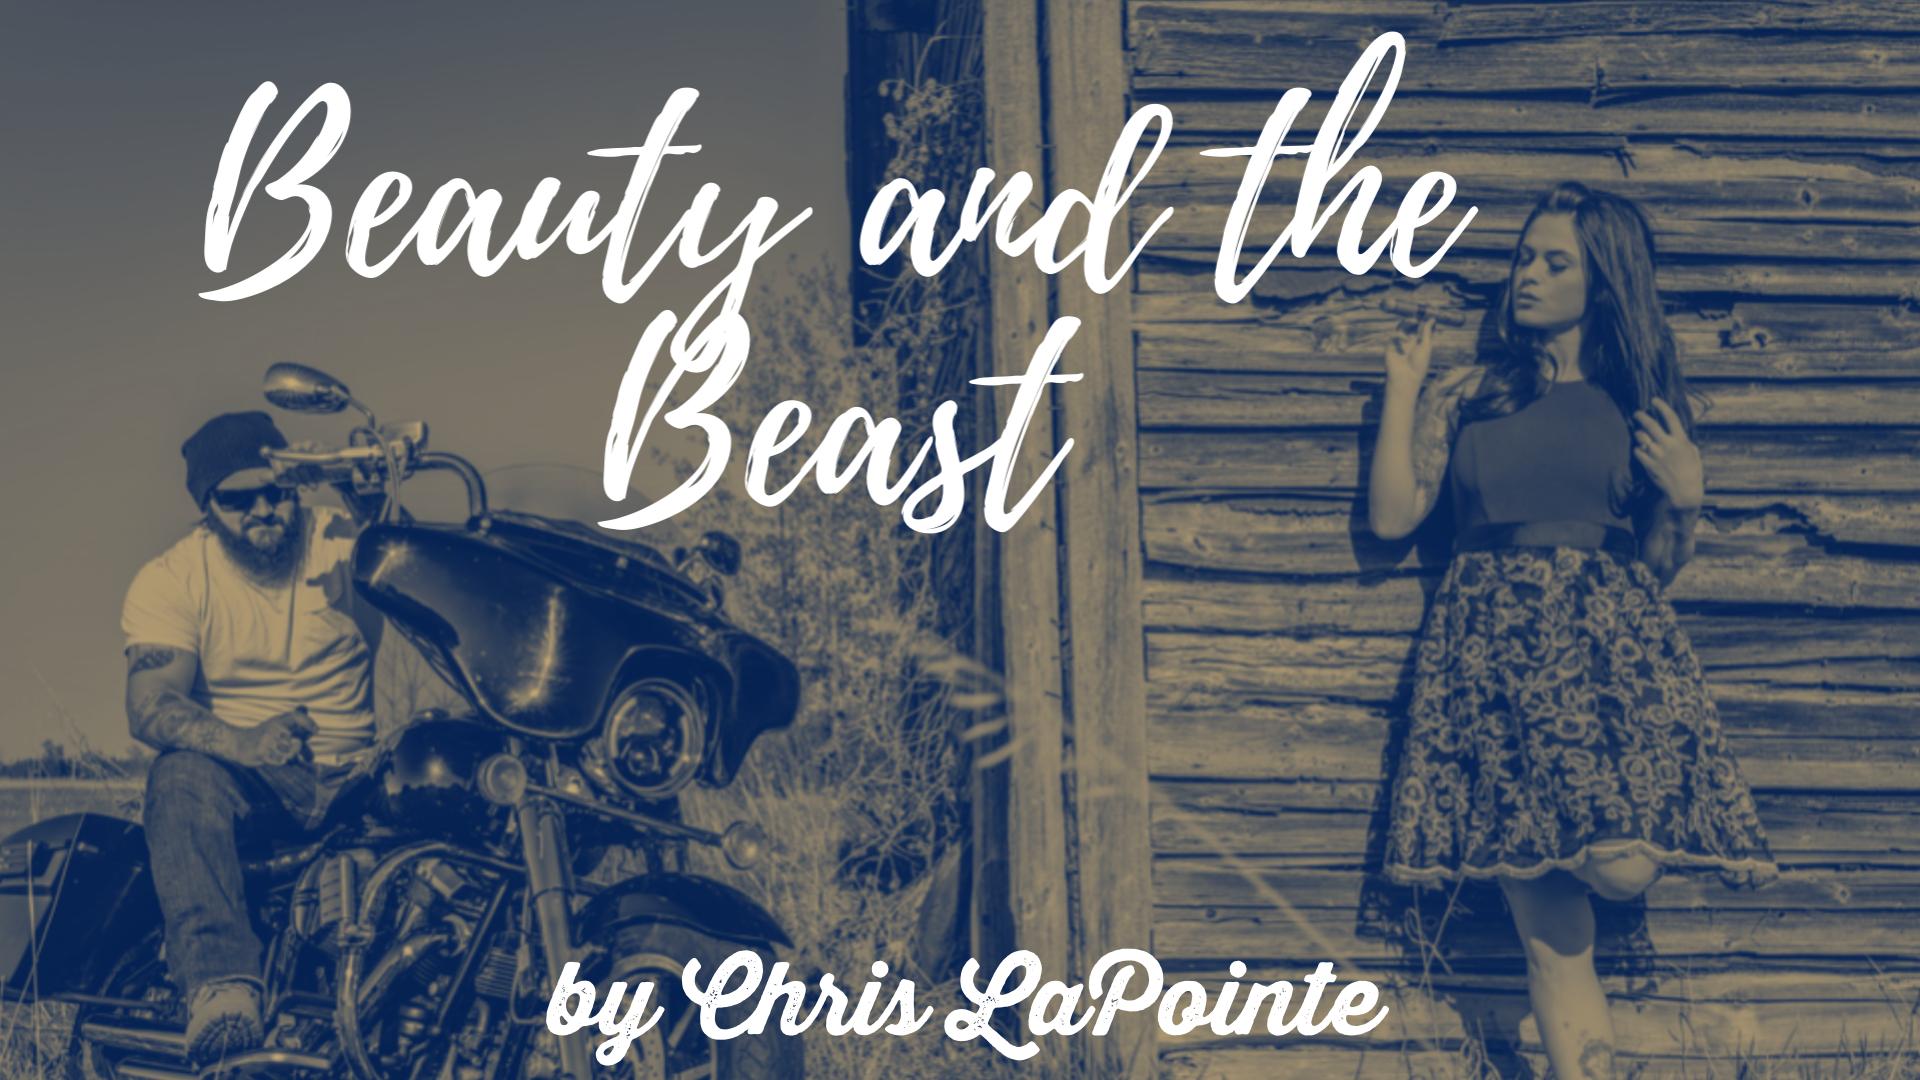 Gurkha – Beauty and the Beast